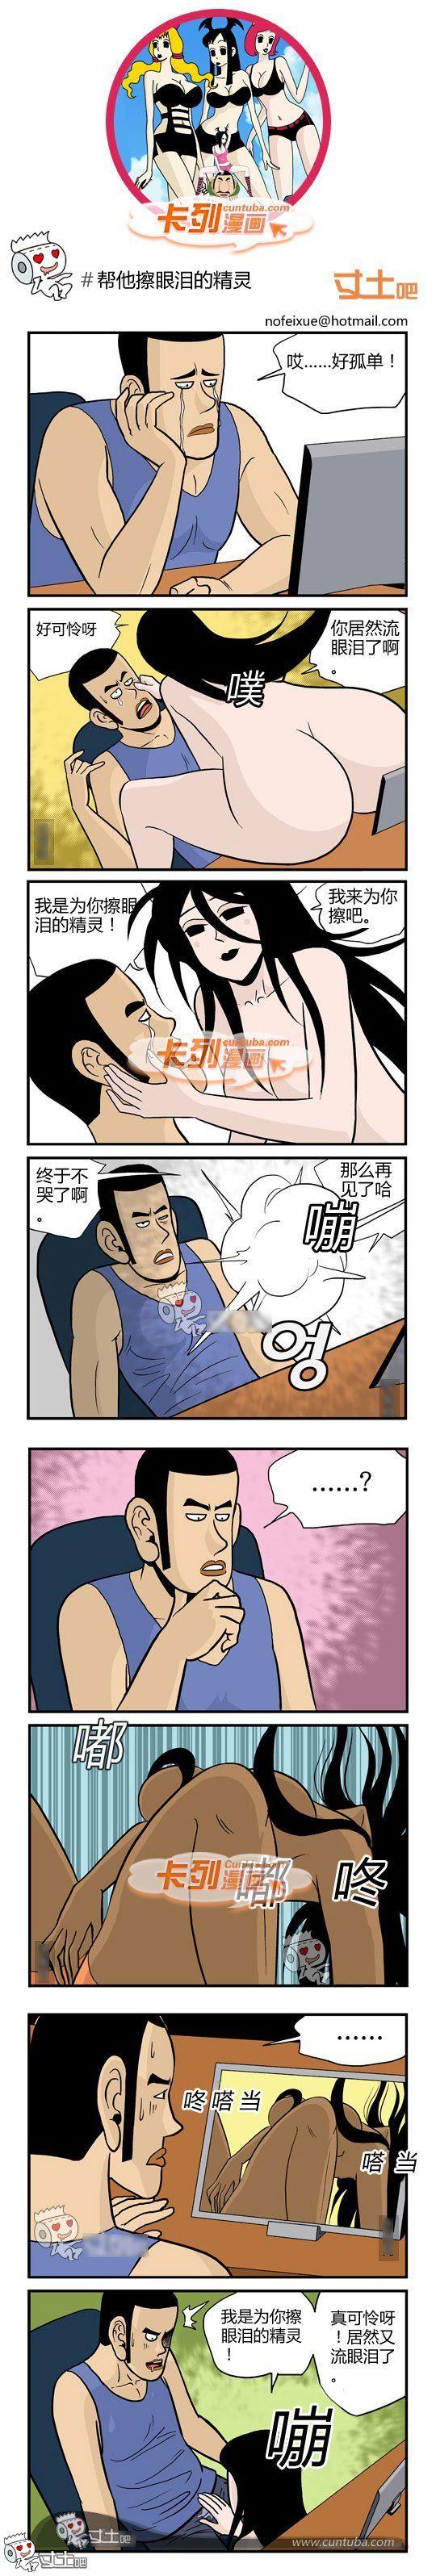 125.卡列漫画帮他擦眼泪的精灵